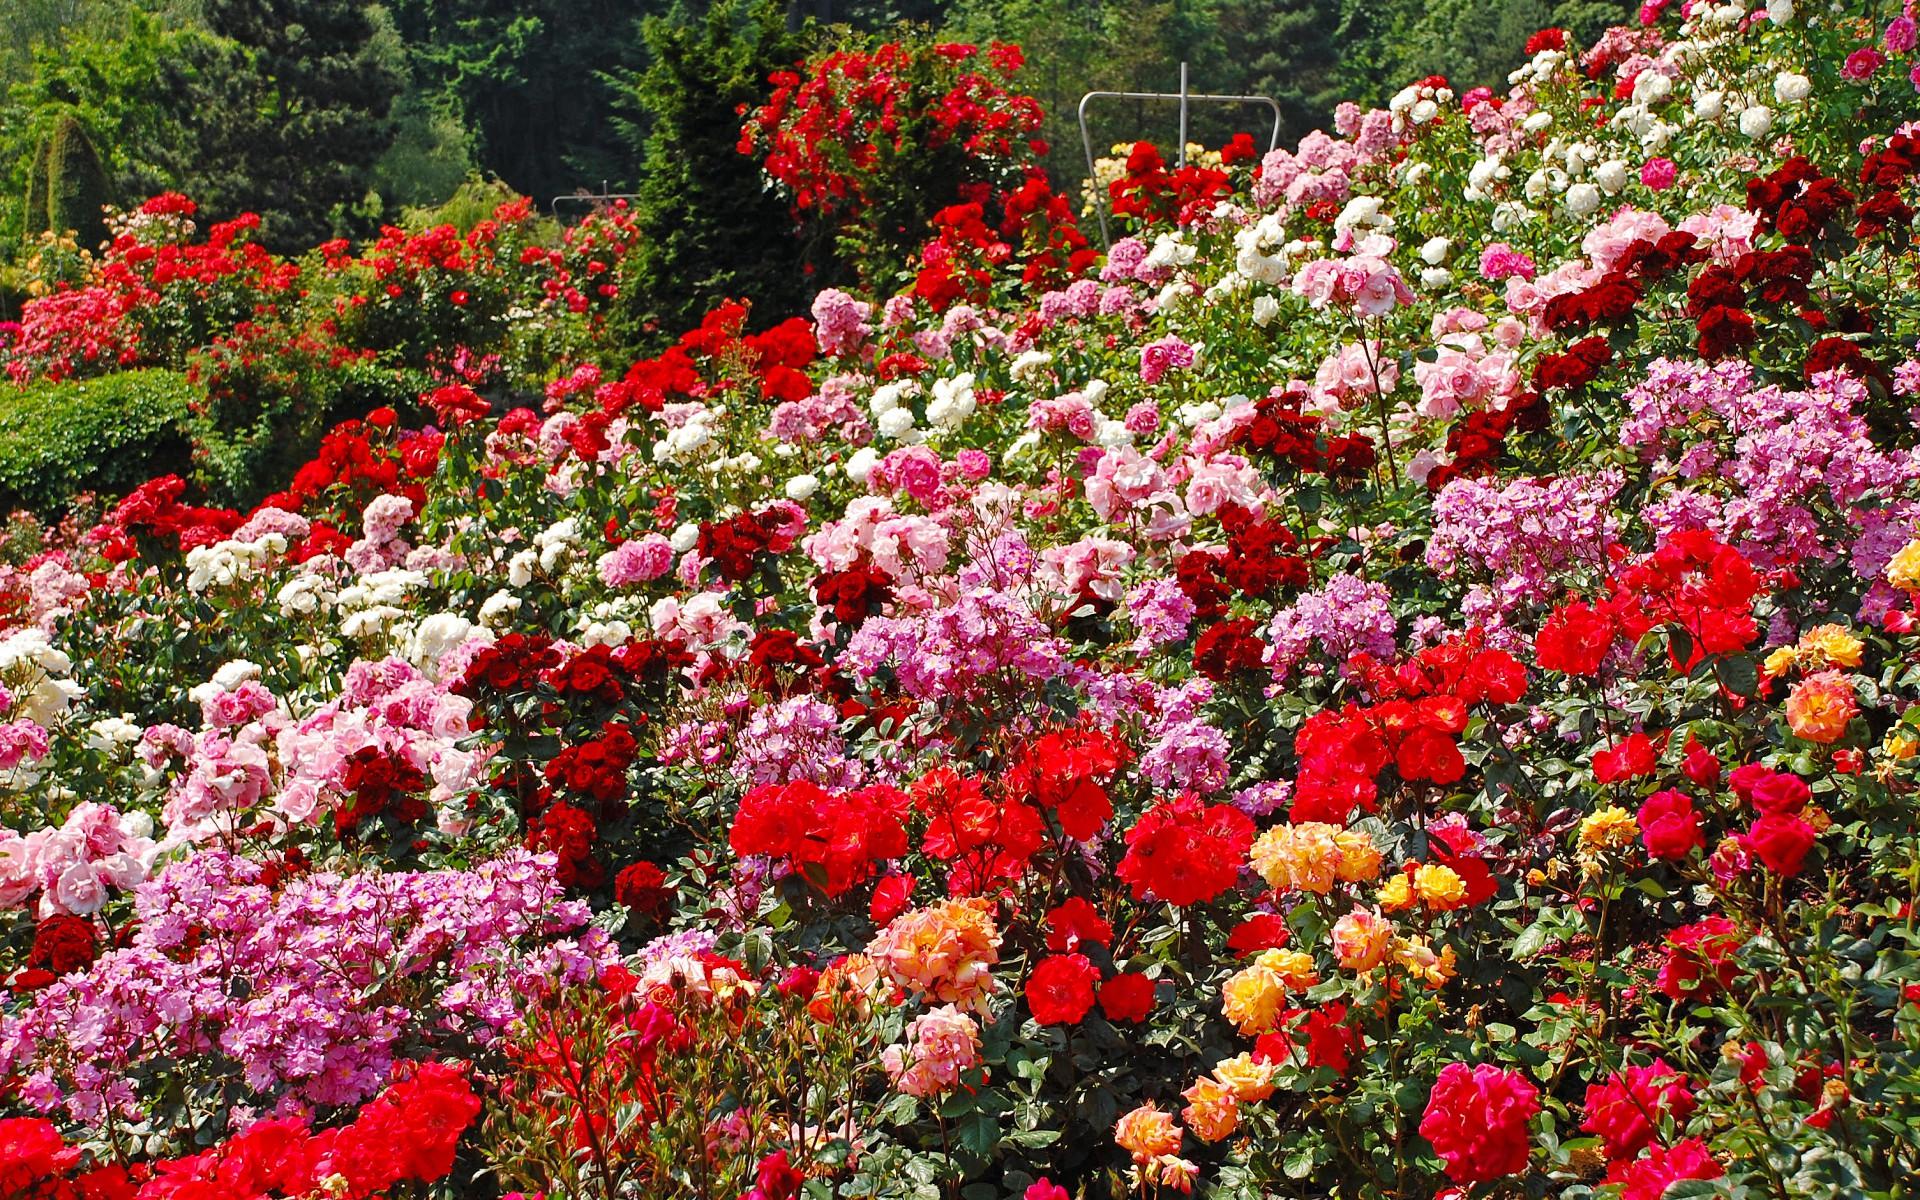 Roseng rten garten europa - Gartengestaltung rosengarten ...